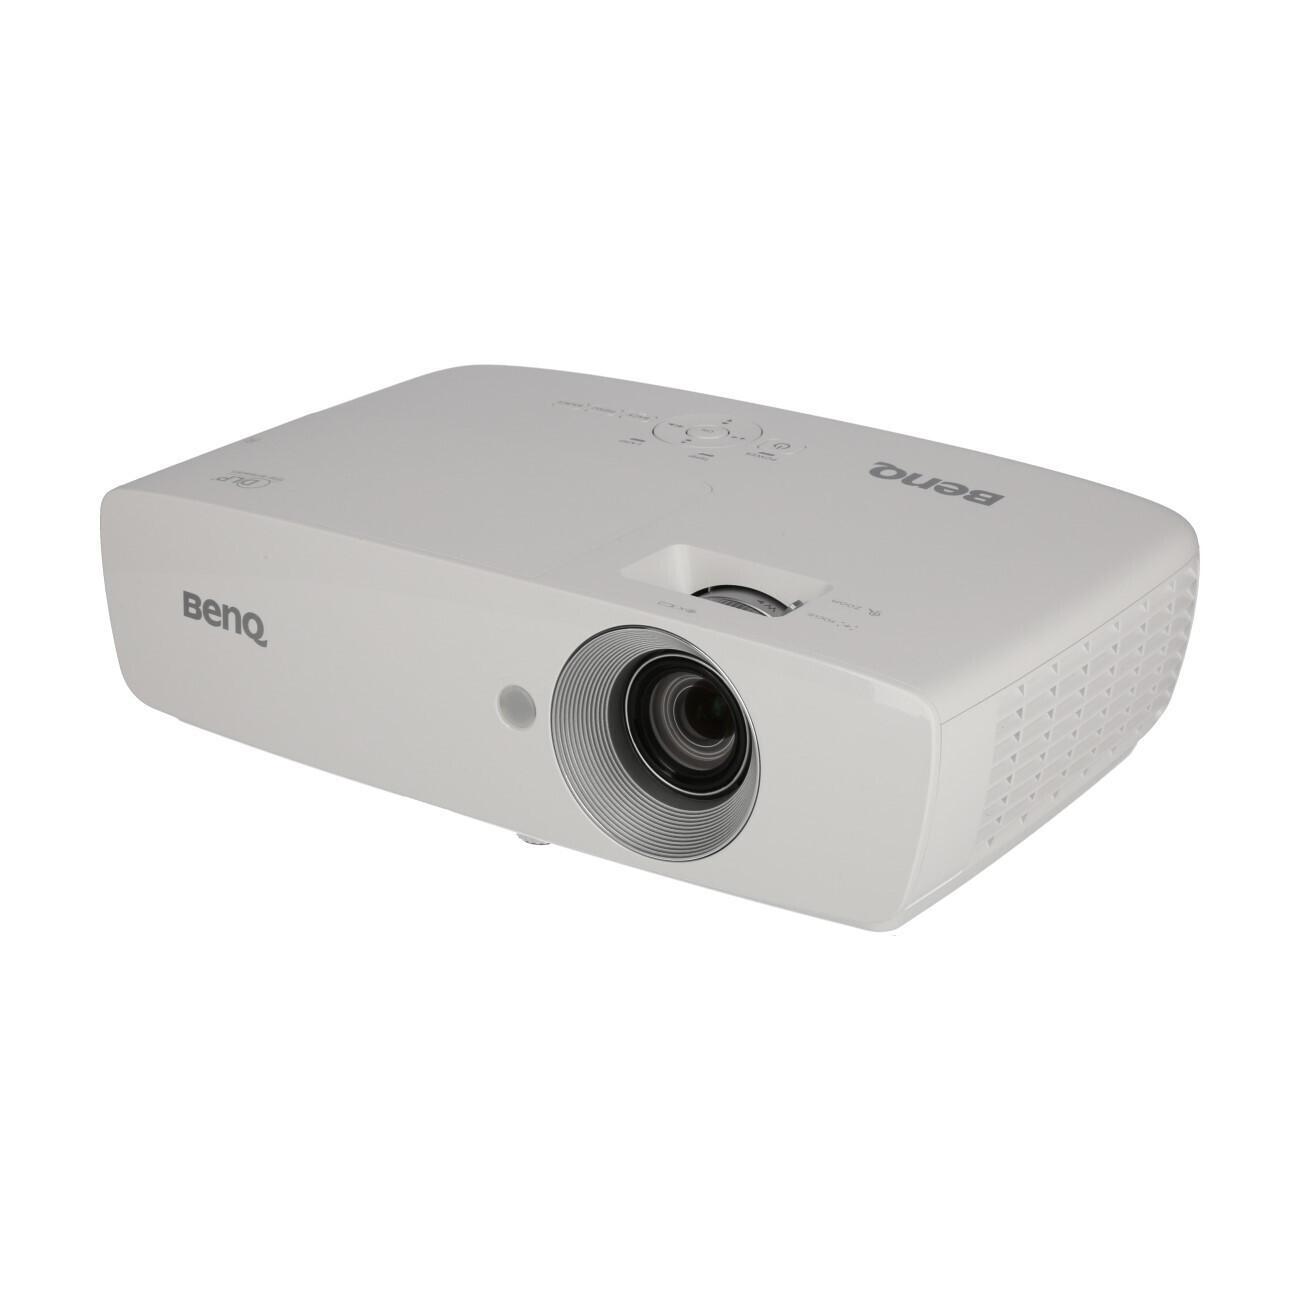 BenQ W1090 3D Heimkino Beamer mit 2000 ANSI-Lumen und Full-HD